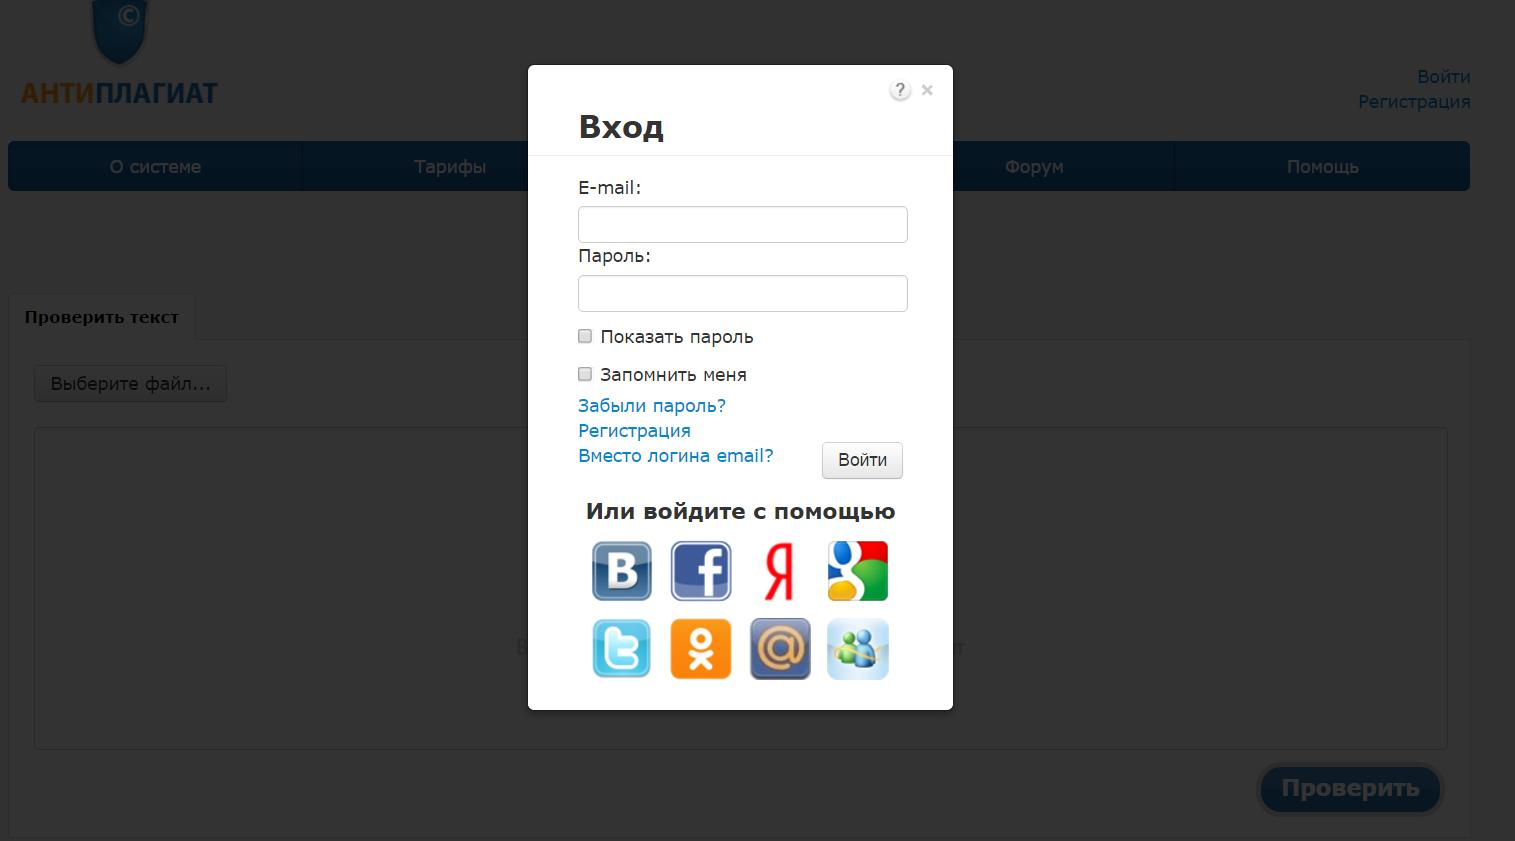 ru Антиплагиат экспресс Антиплагиат проверка онлайн После регистрации вам будет доступен более широкий спектр возможностей проверки работ по системе антиплагиат онлайн